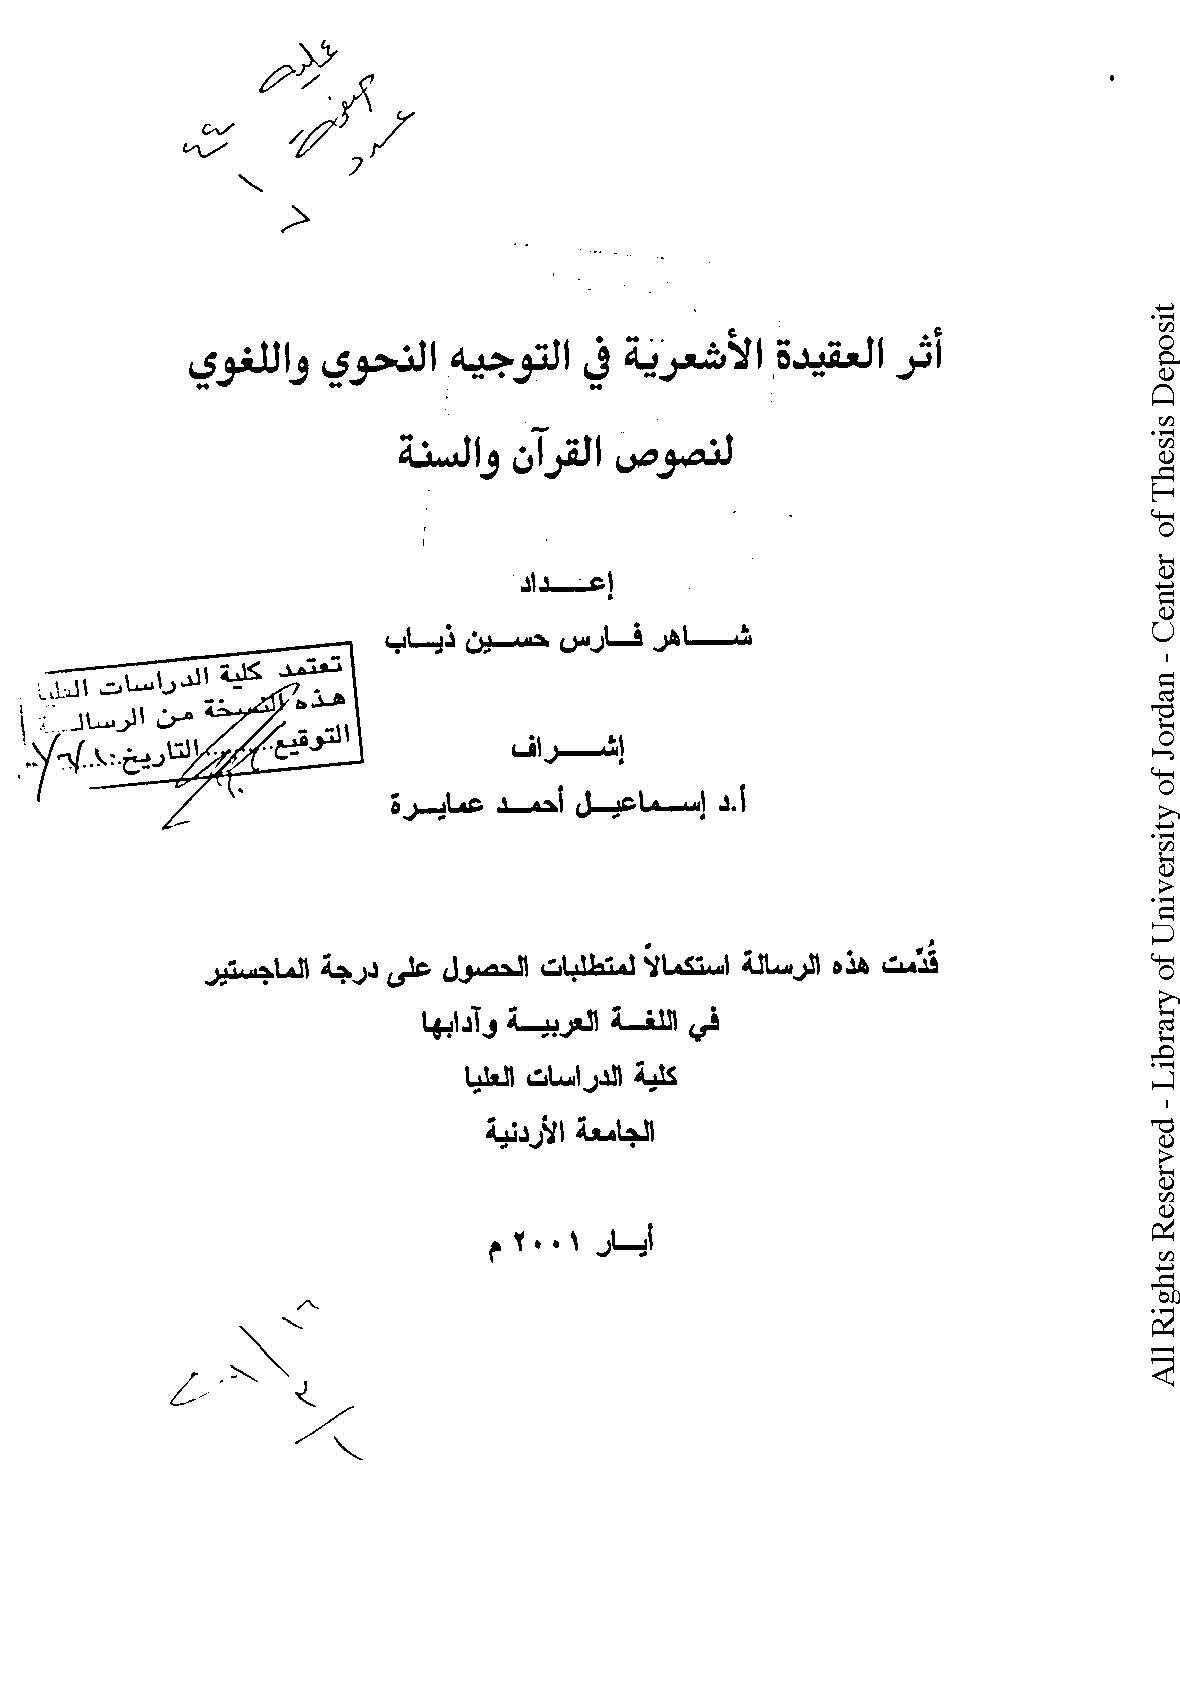 أثر العقيدة الأشعرية في التوجيه النحوي واللغوي لنصوص القرآن والسنة - شاهر فارس حسين ذياب